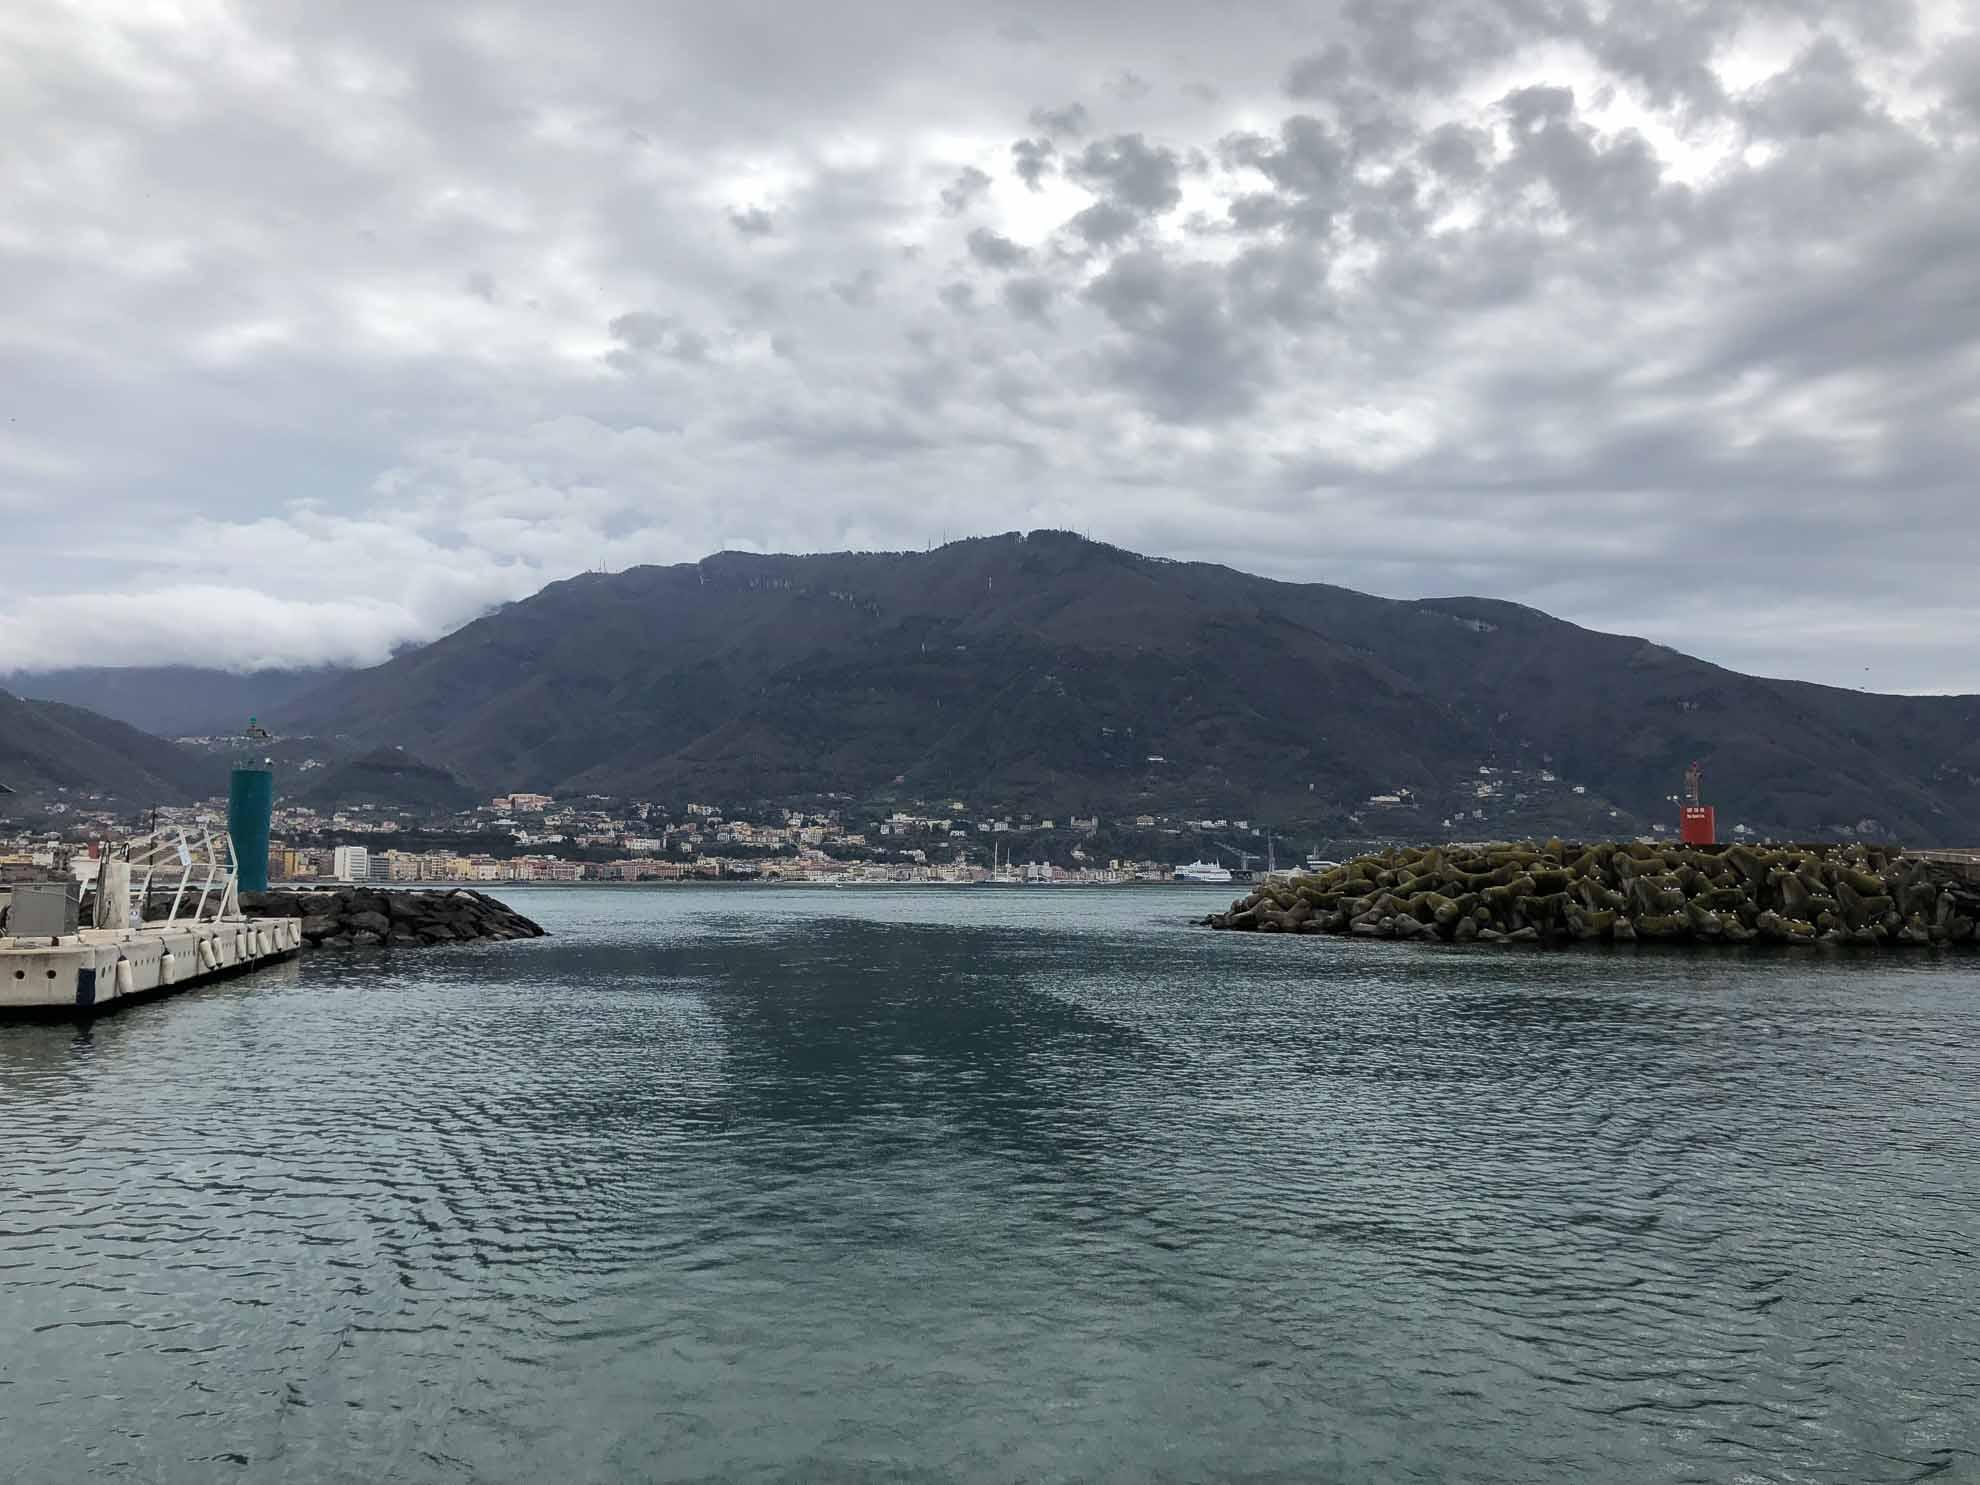 Es geht weiter, nach Castellammare di Stabia, rund 15 Seemeilen südlich von Neapel.